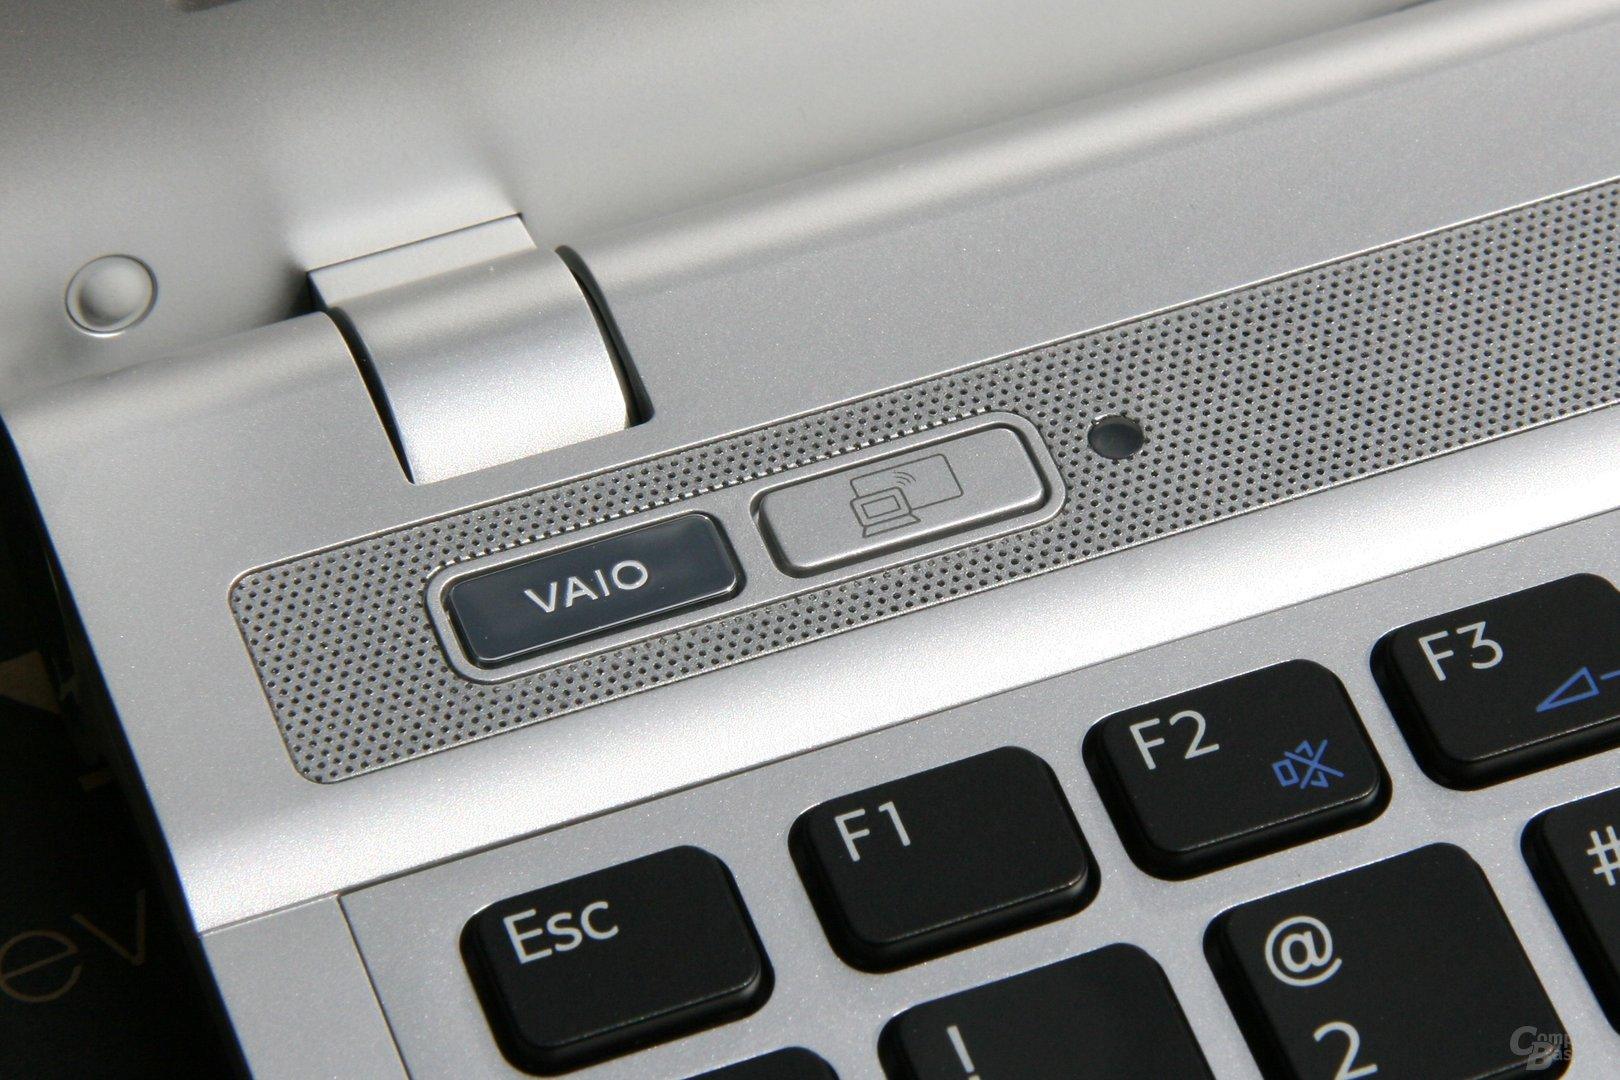 Sony Vaio S mit Schnelltaste für Intel WiDi